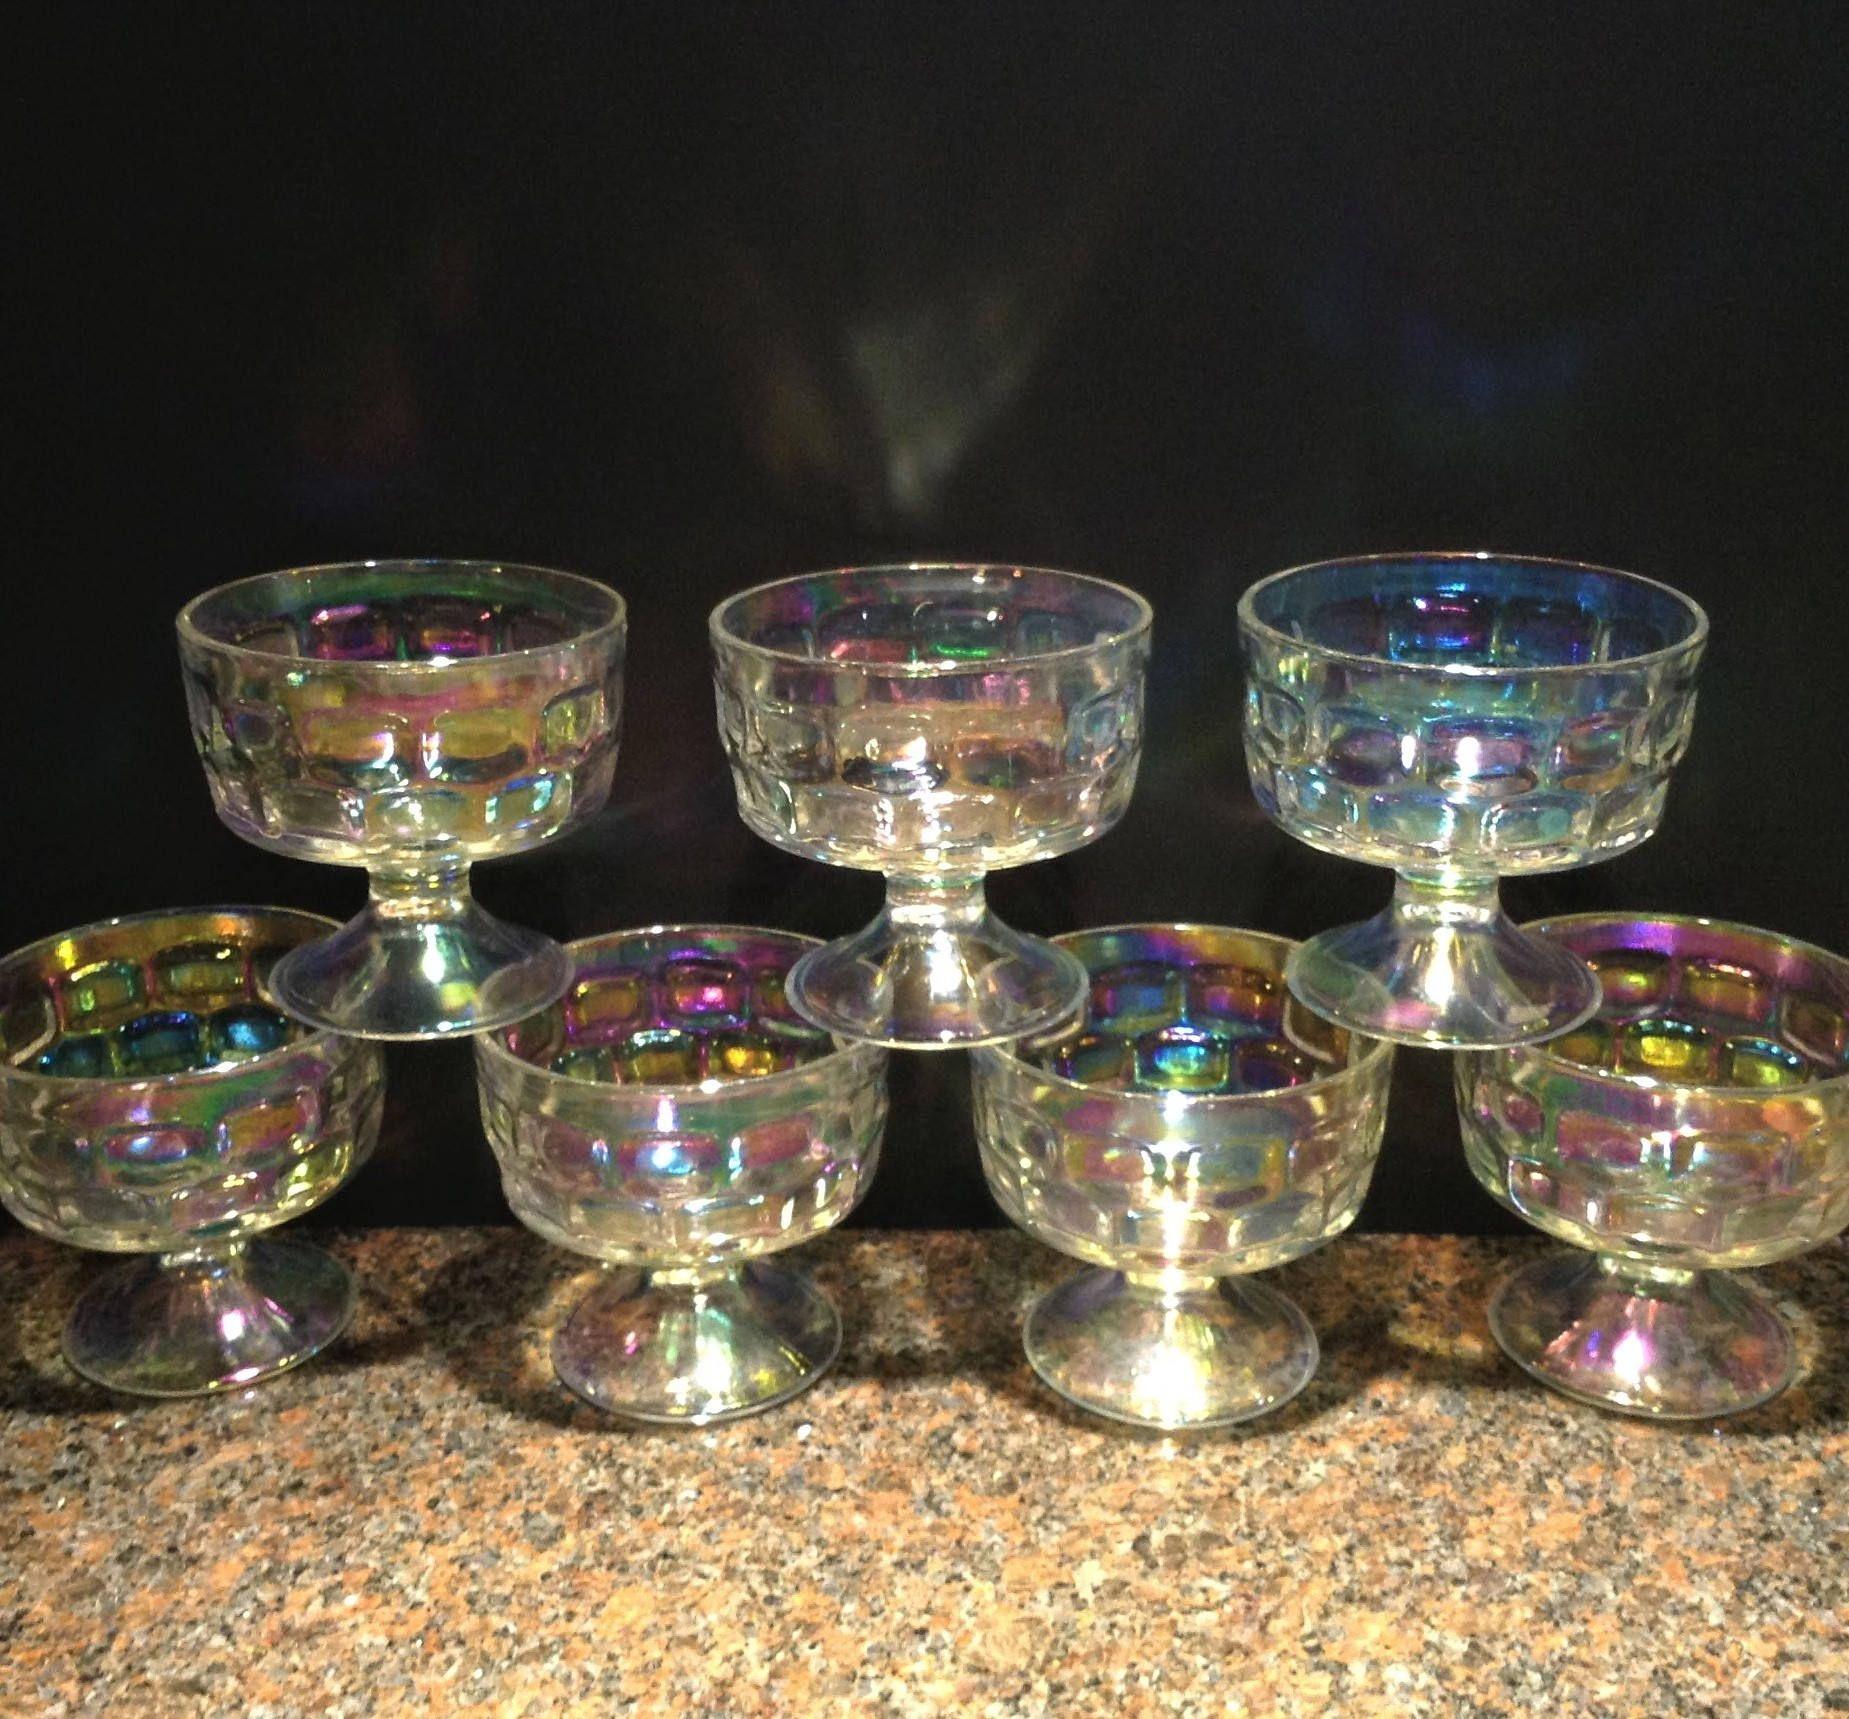 Dessert Bowls Iridescent Glass Sherbet Dessert Cups Parfait Glasses Rainbow Glass Federal Glass Colonial Dessert Bowls Glass Dessert Bowls Iridescent Glass